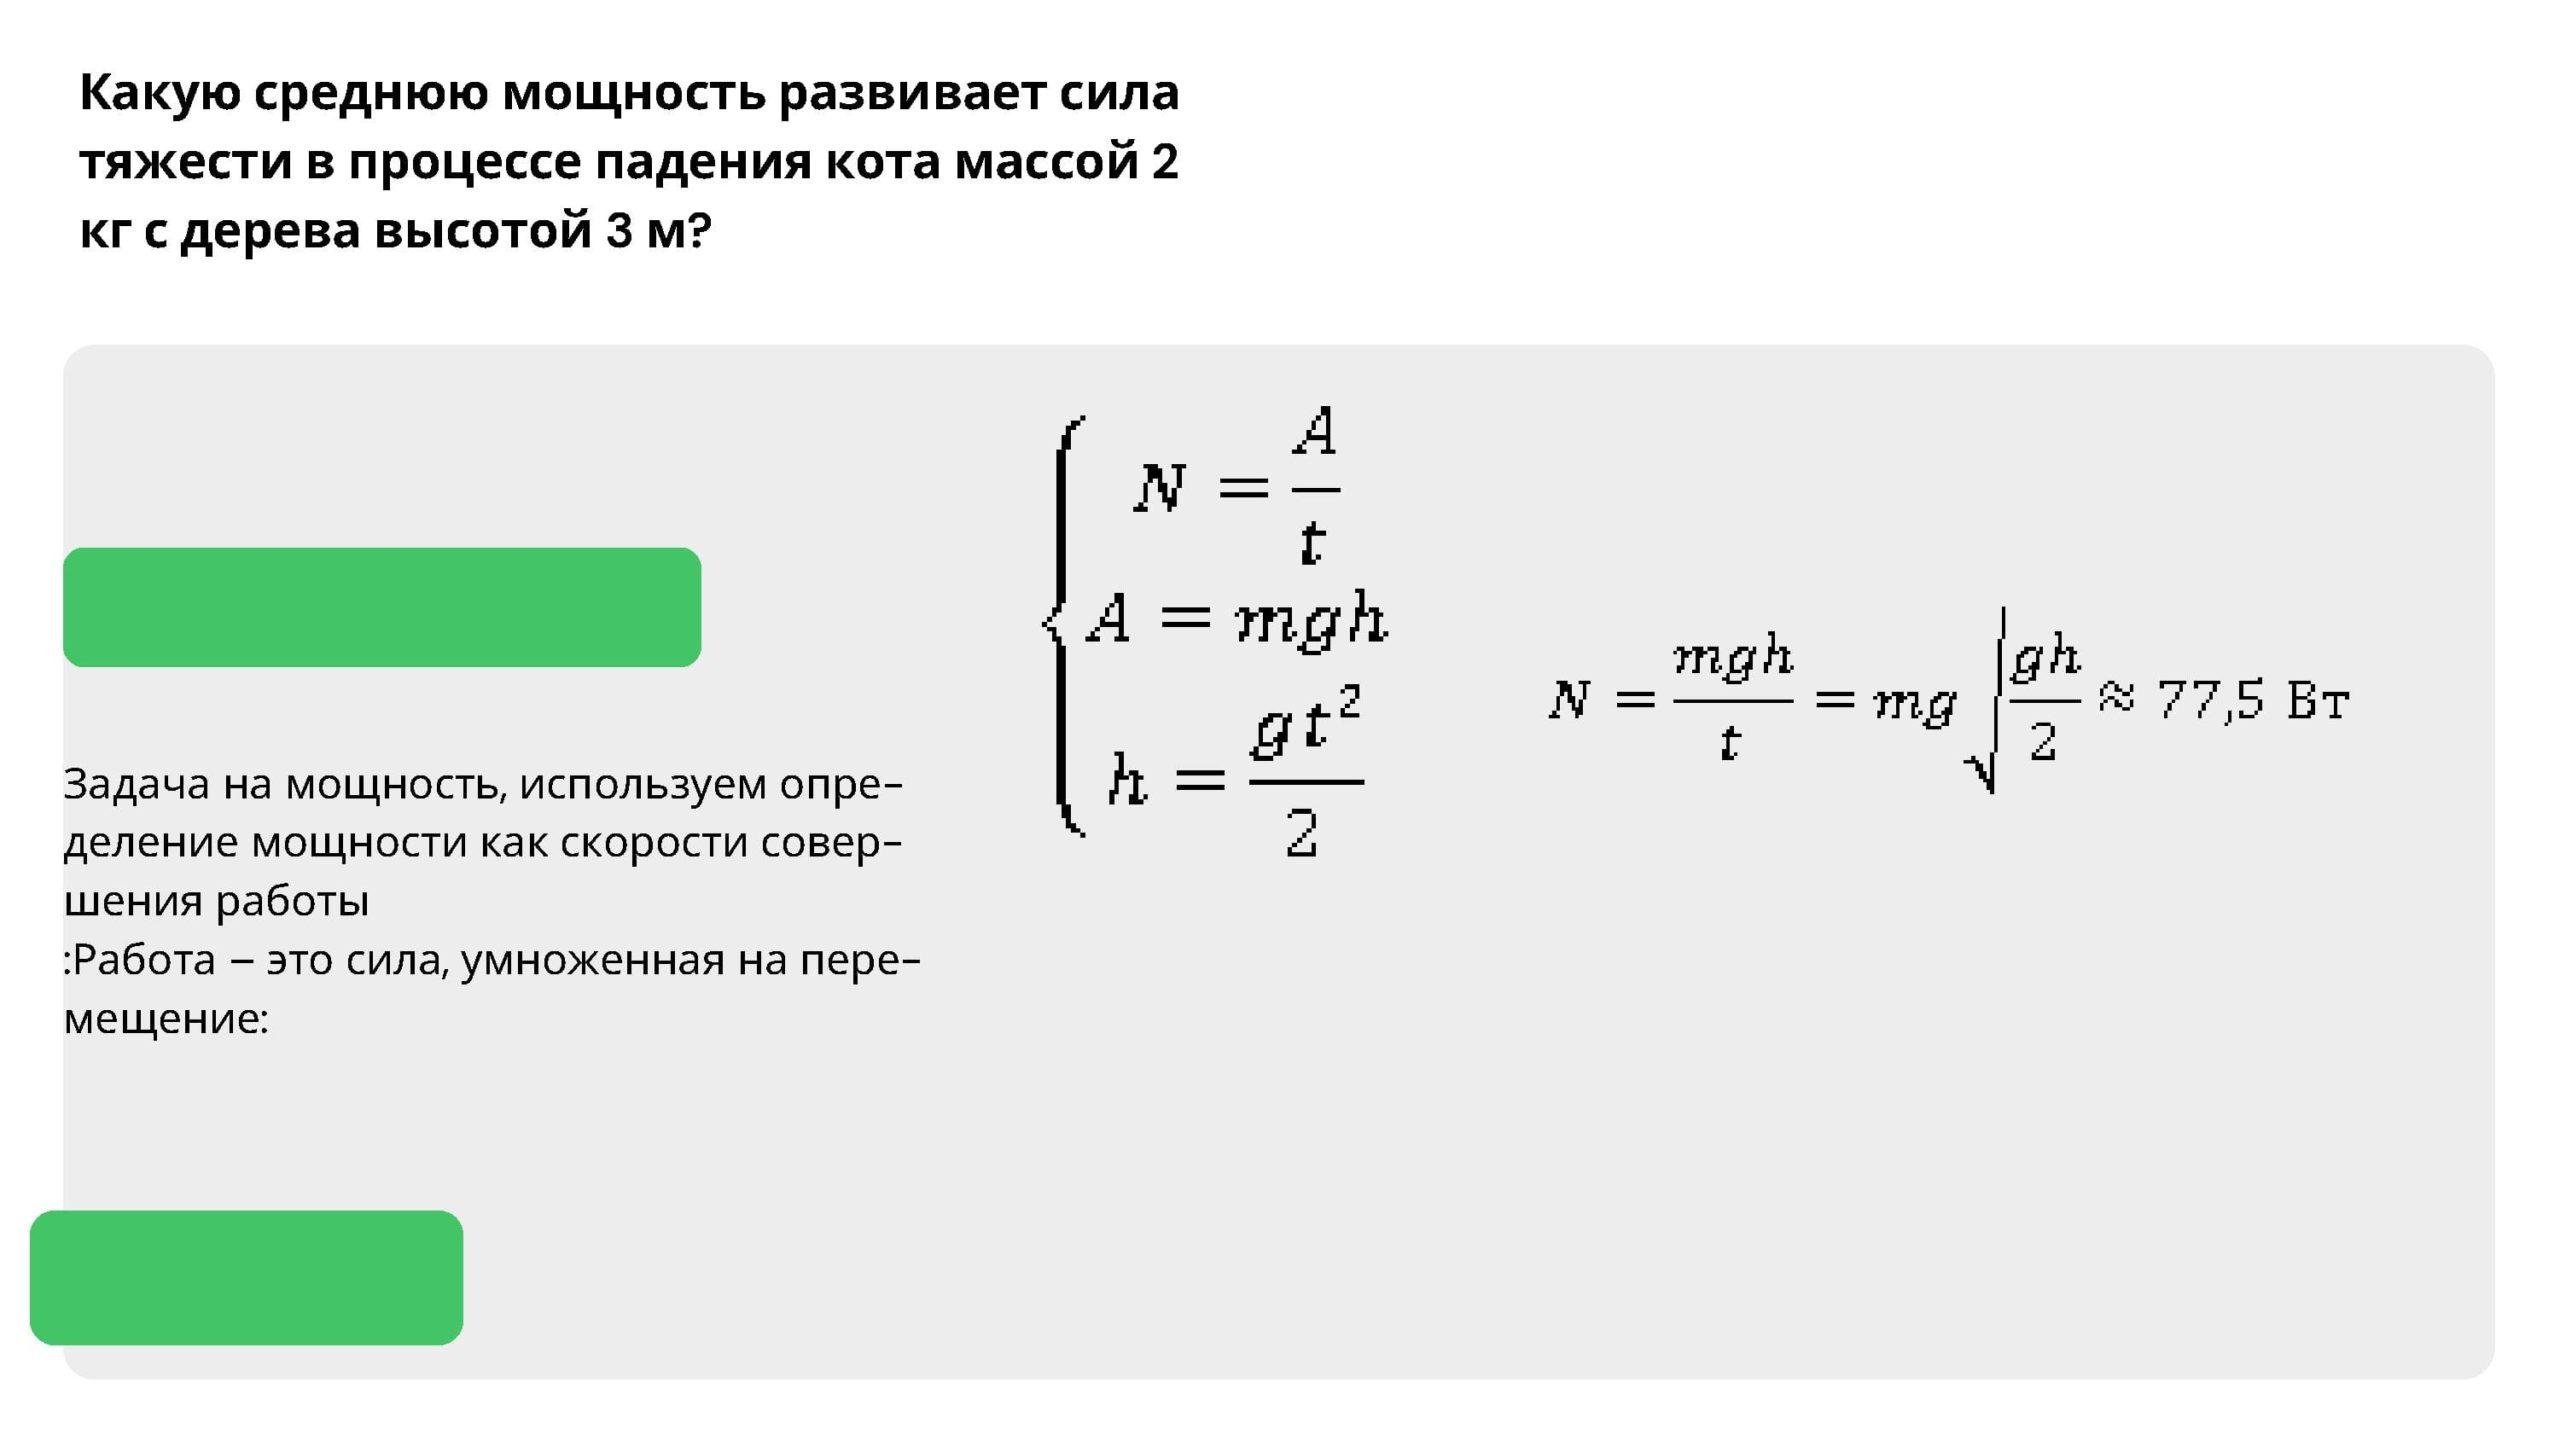 Задача. Решение. Какую среднюю мощность развивает сила тяжести в процессе падения кота массой 2 кг